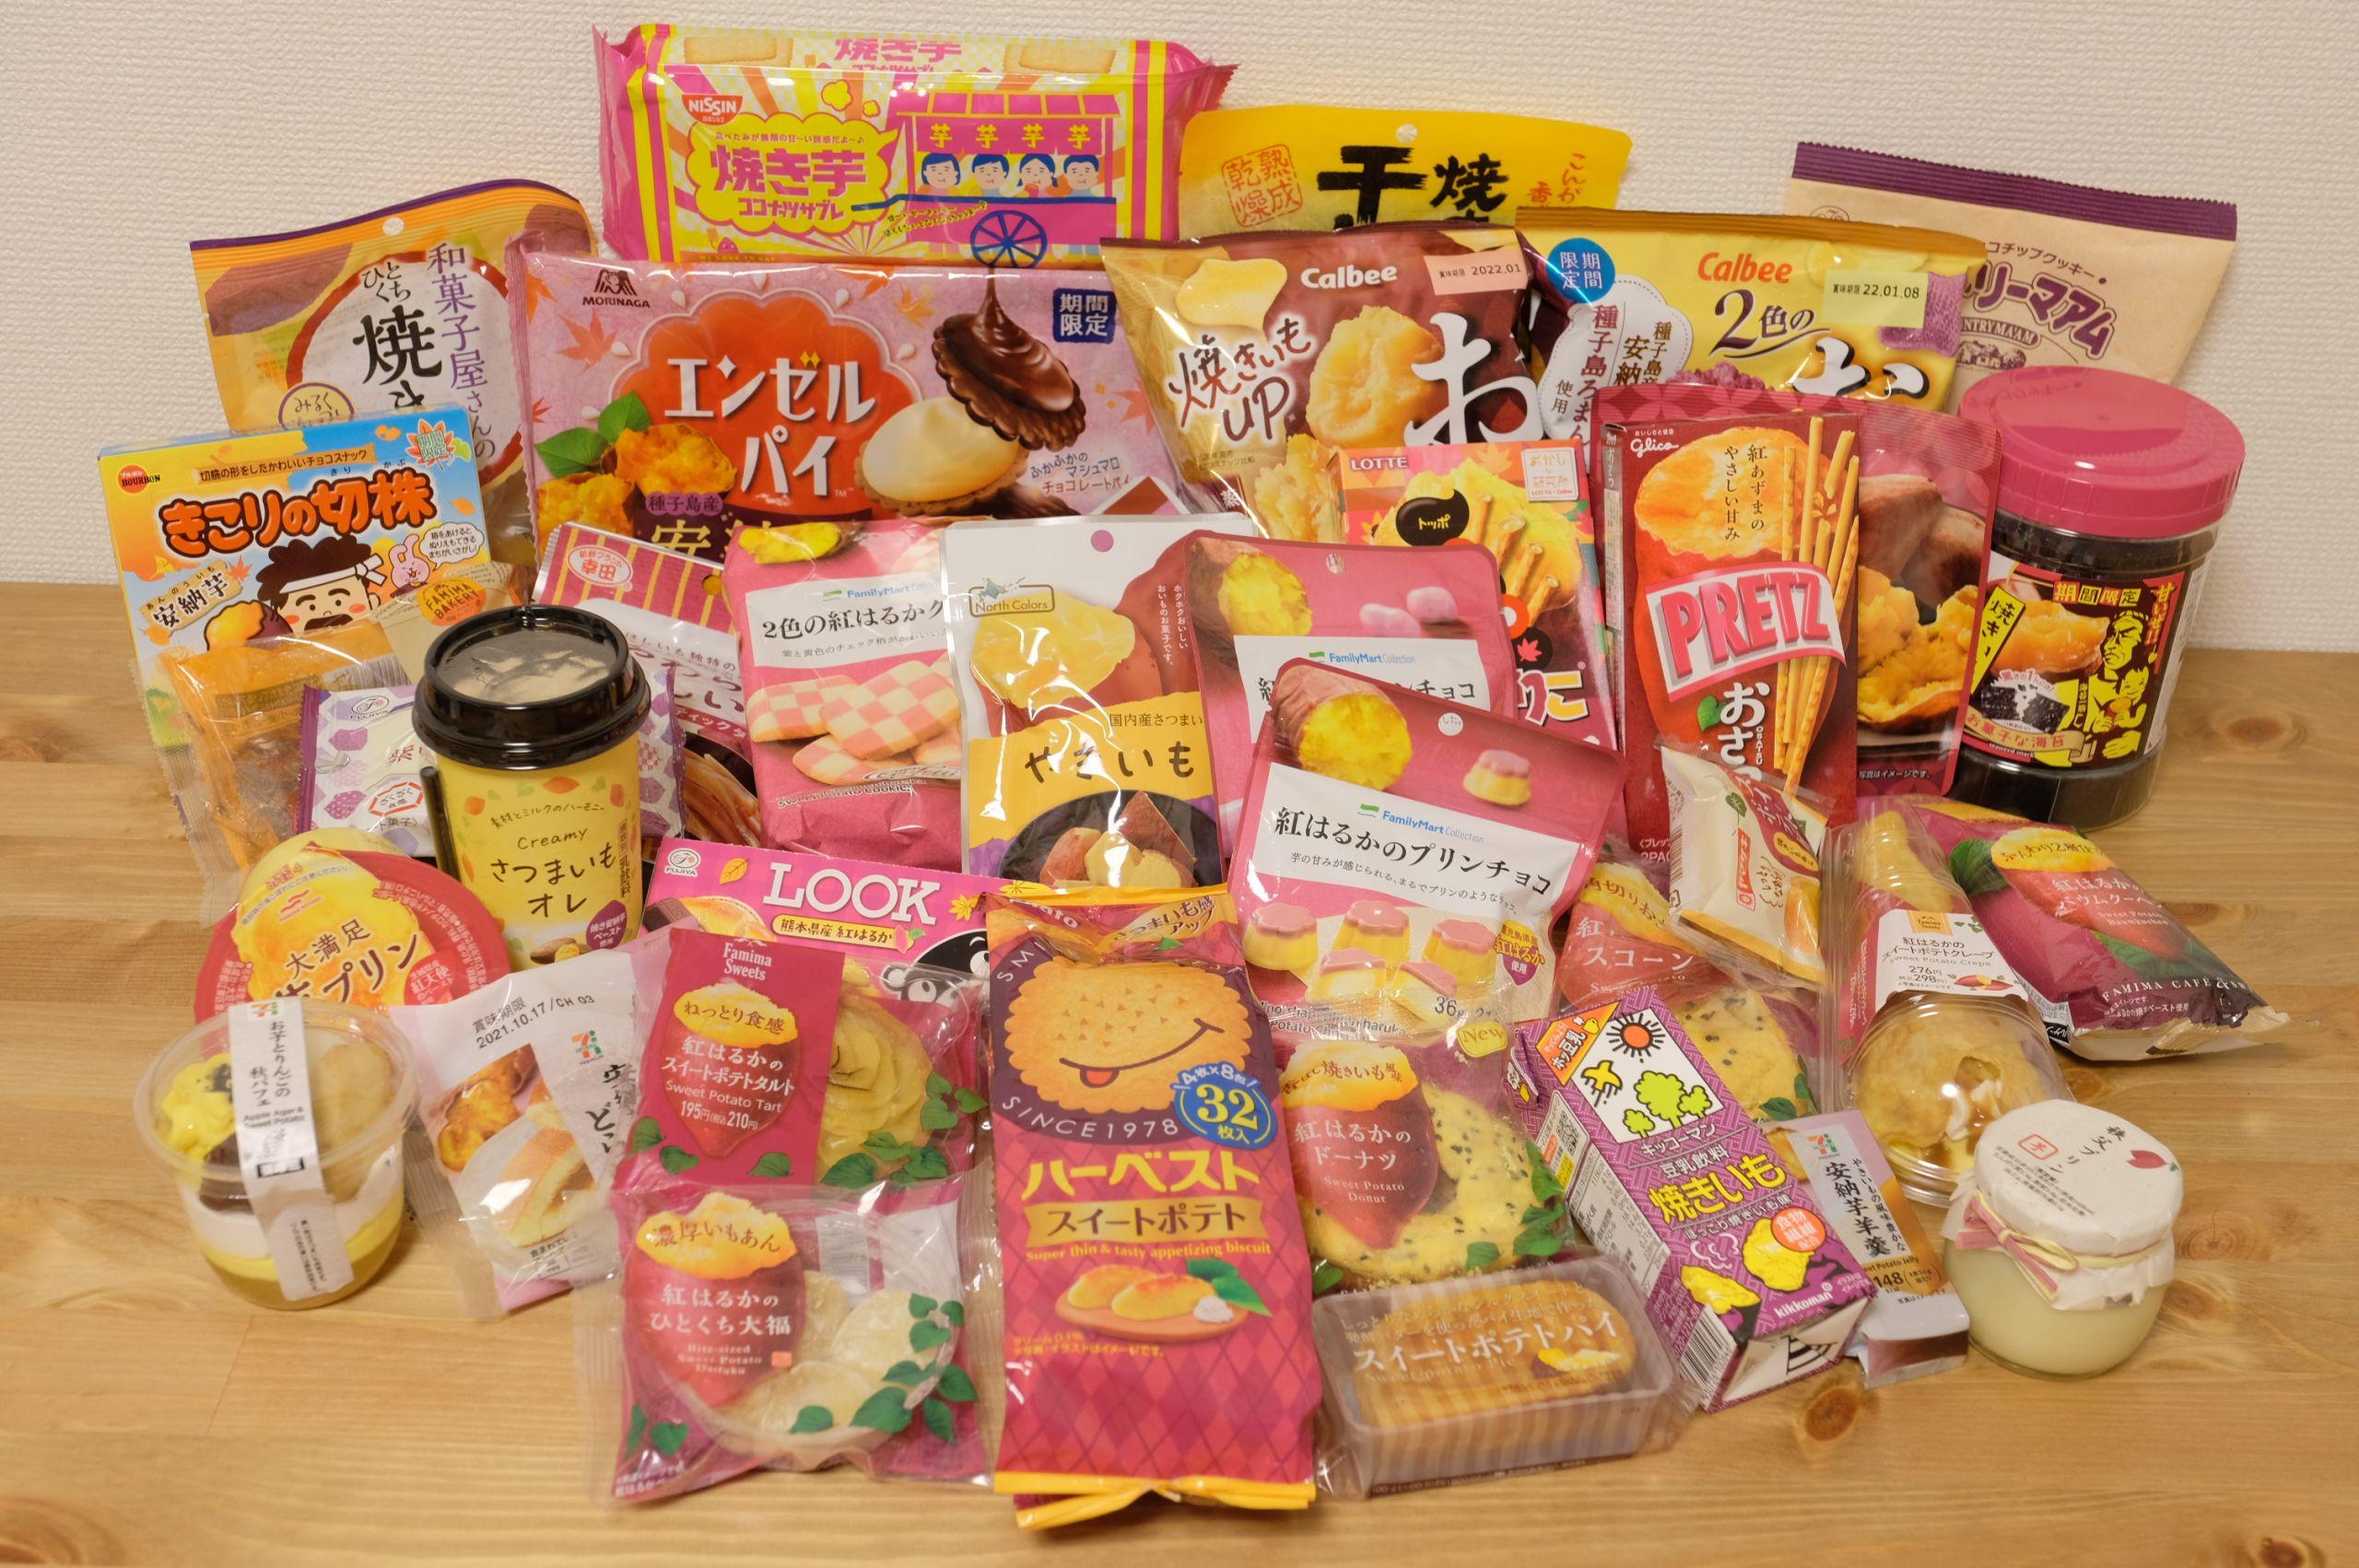 Autumn conbini snacks